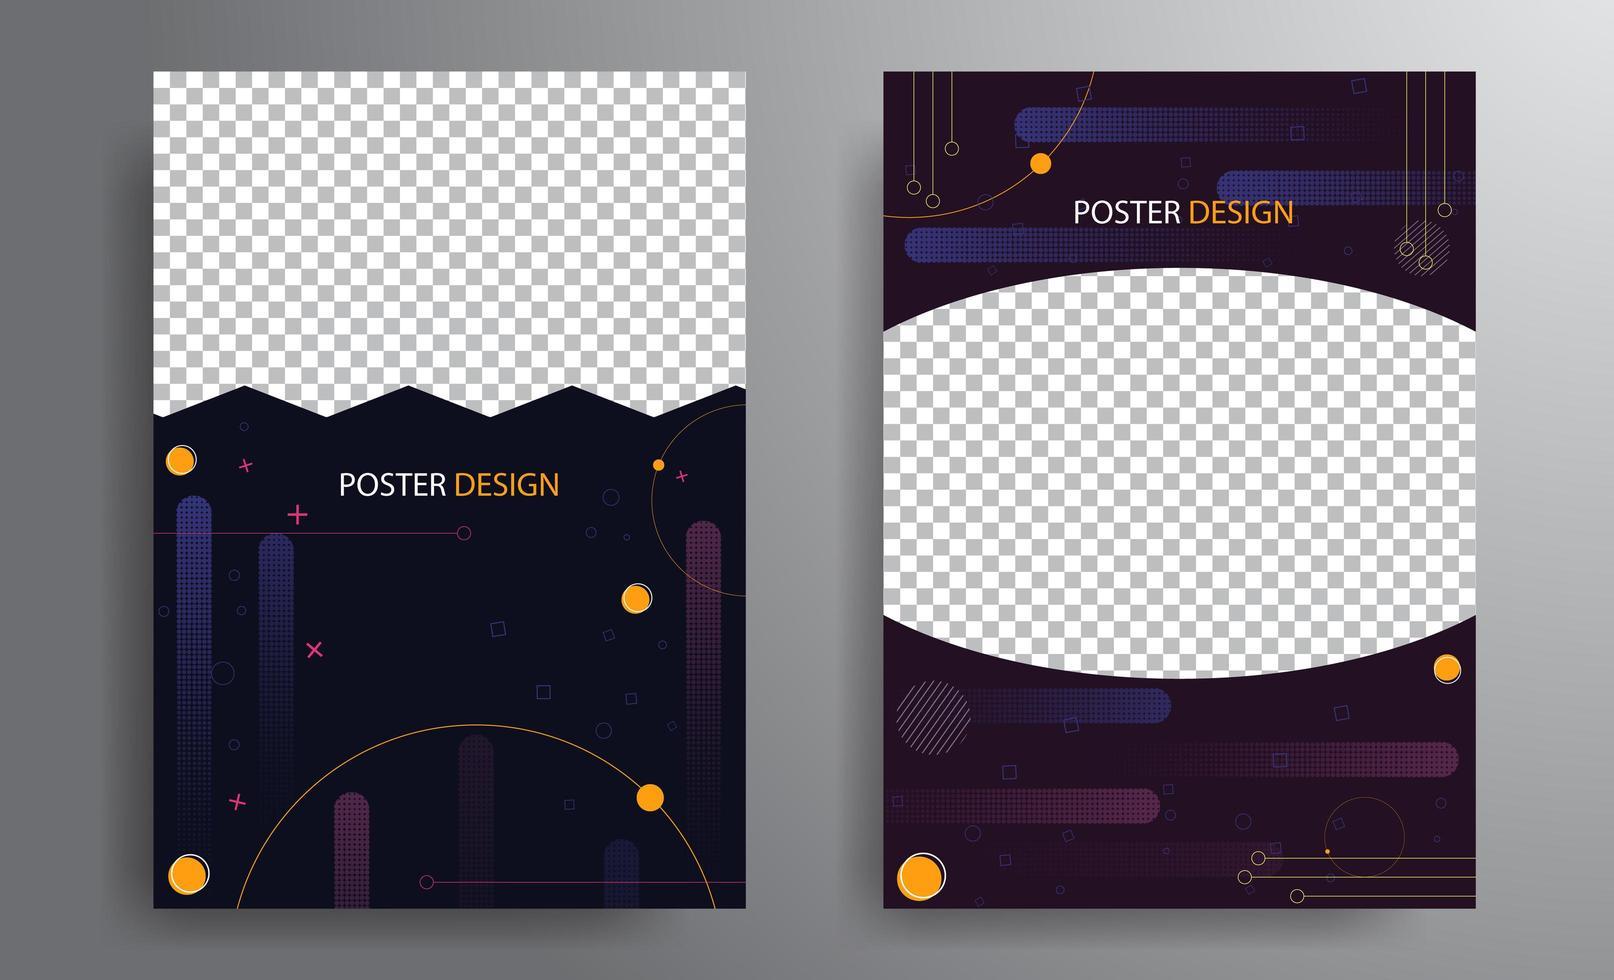 conception d'affiche avec fond géométrique vecteur